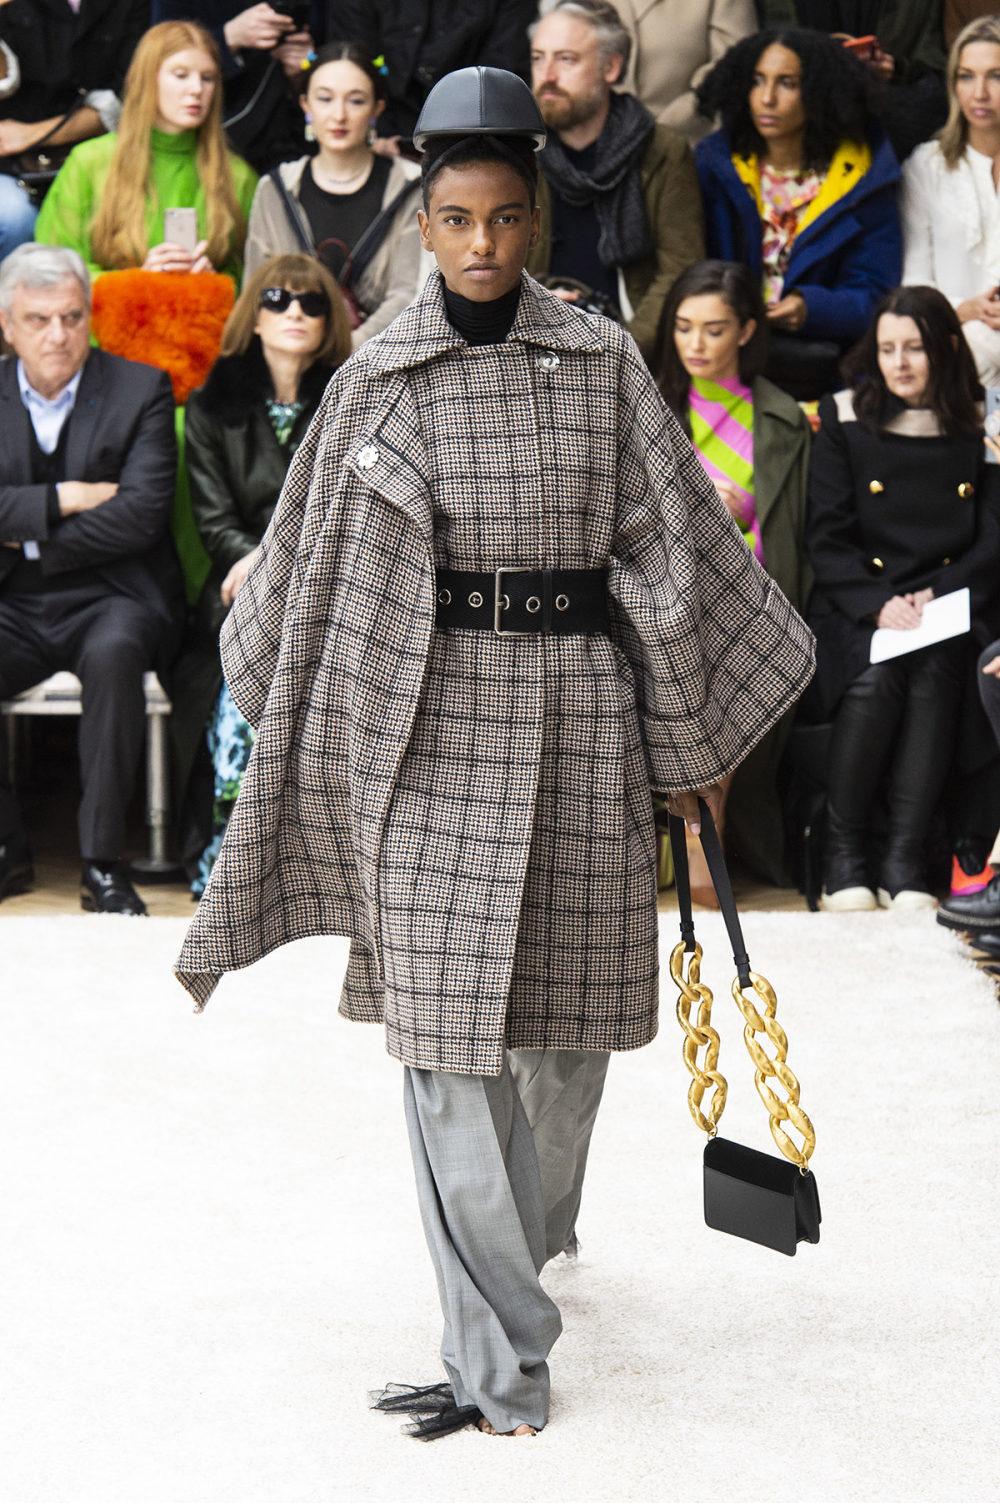 JW Anderson时装系列连衣裙是柔软的边缘用褶皱和长窗帘制成的-6.jpg